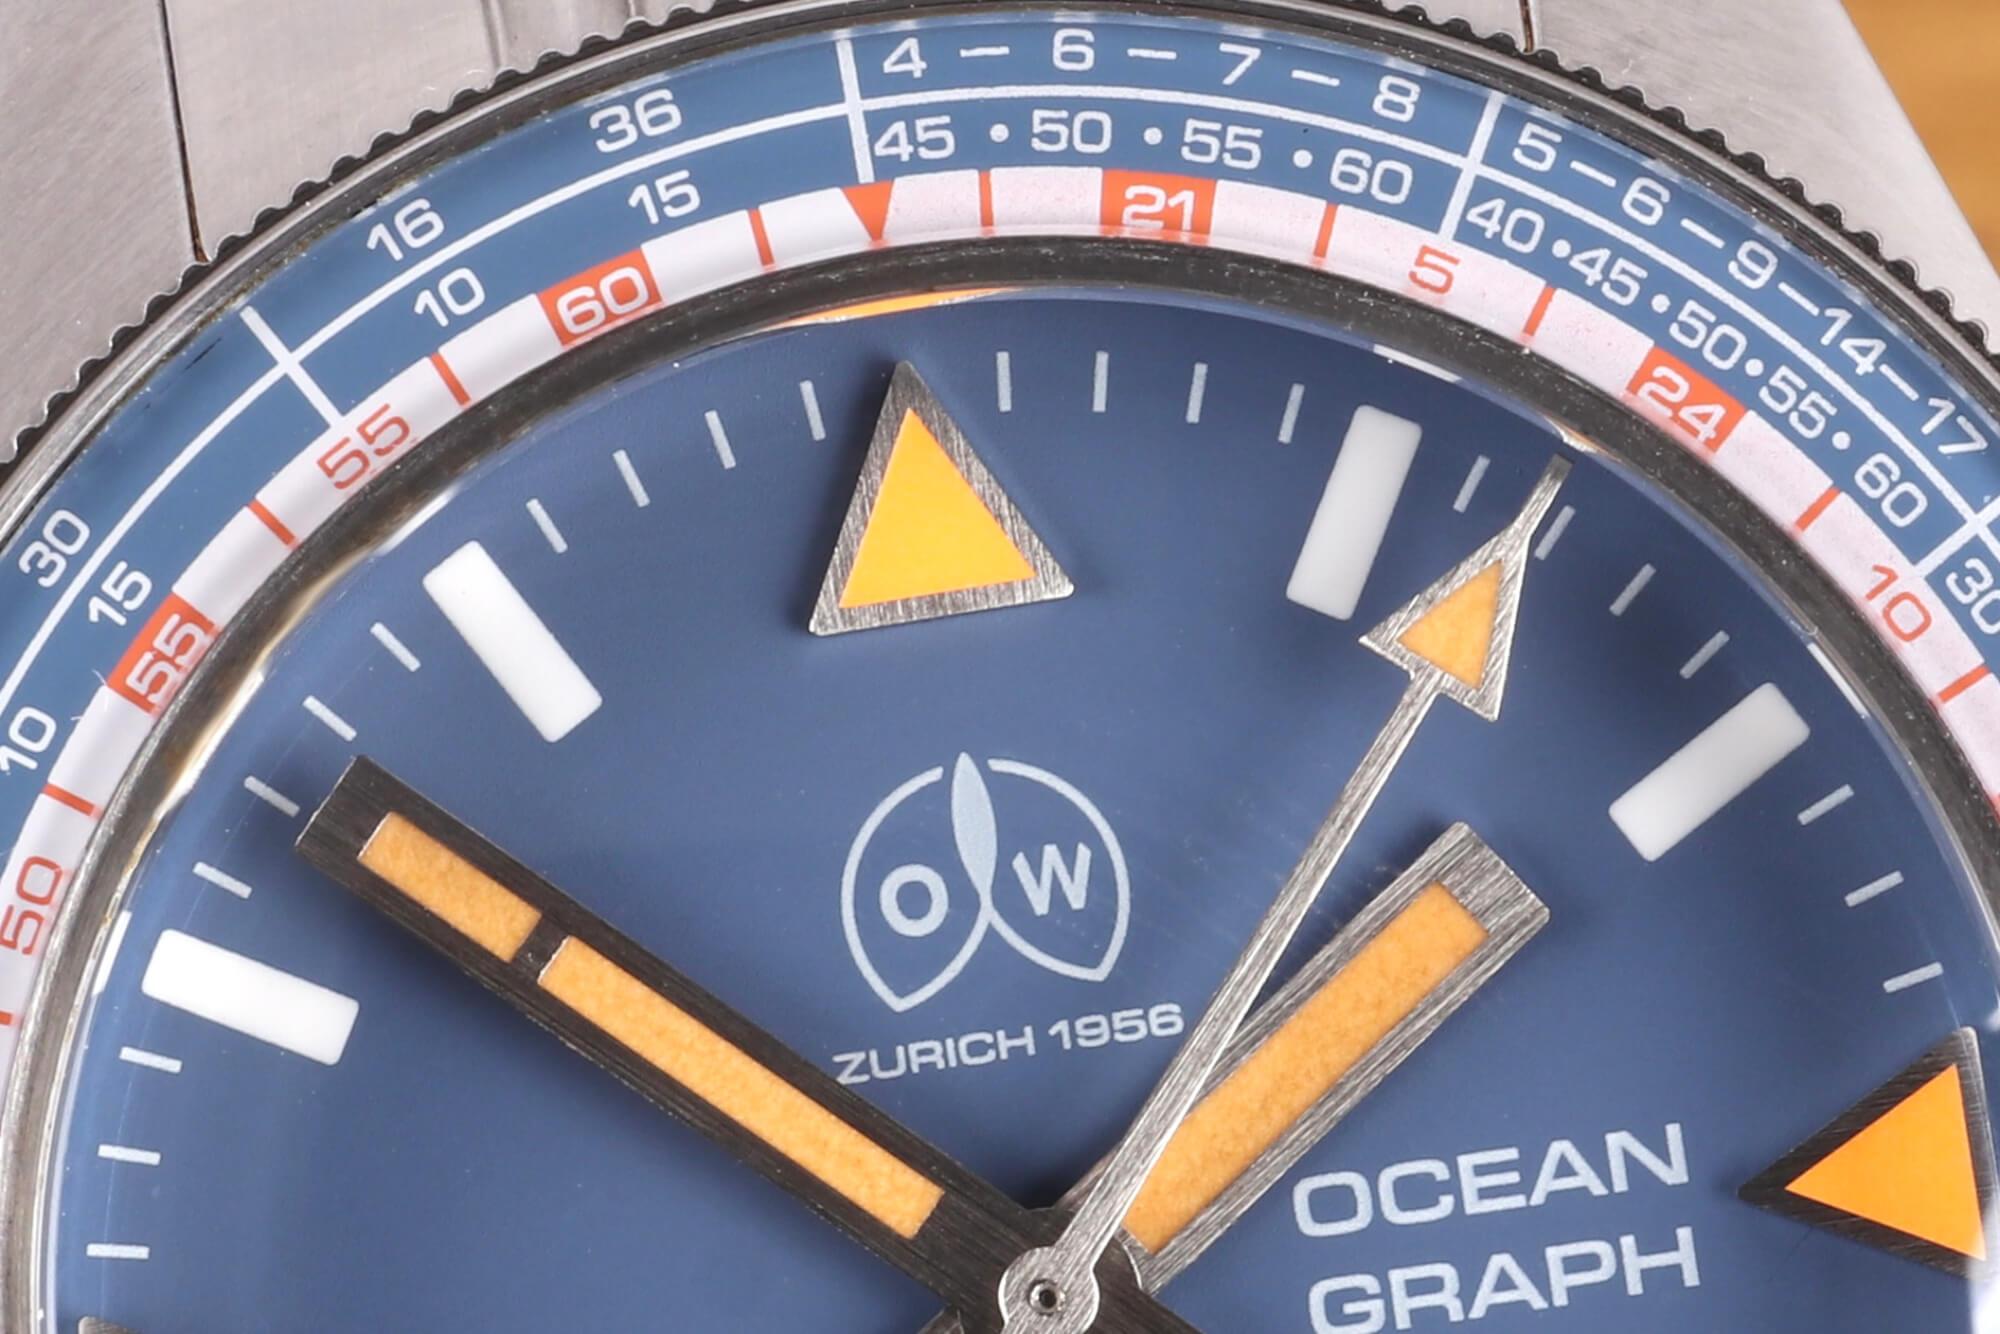 OW-Ocean-Graph-7